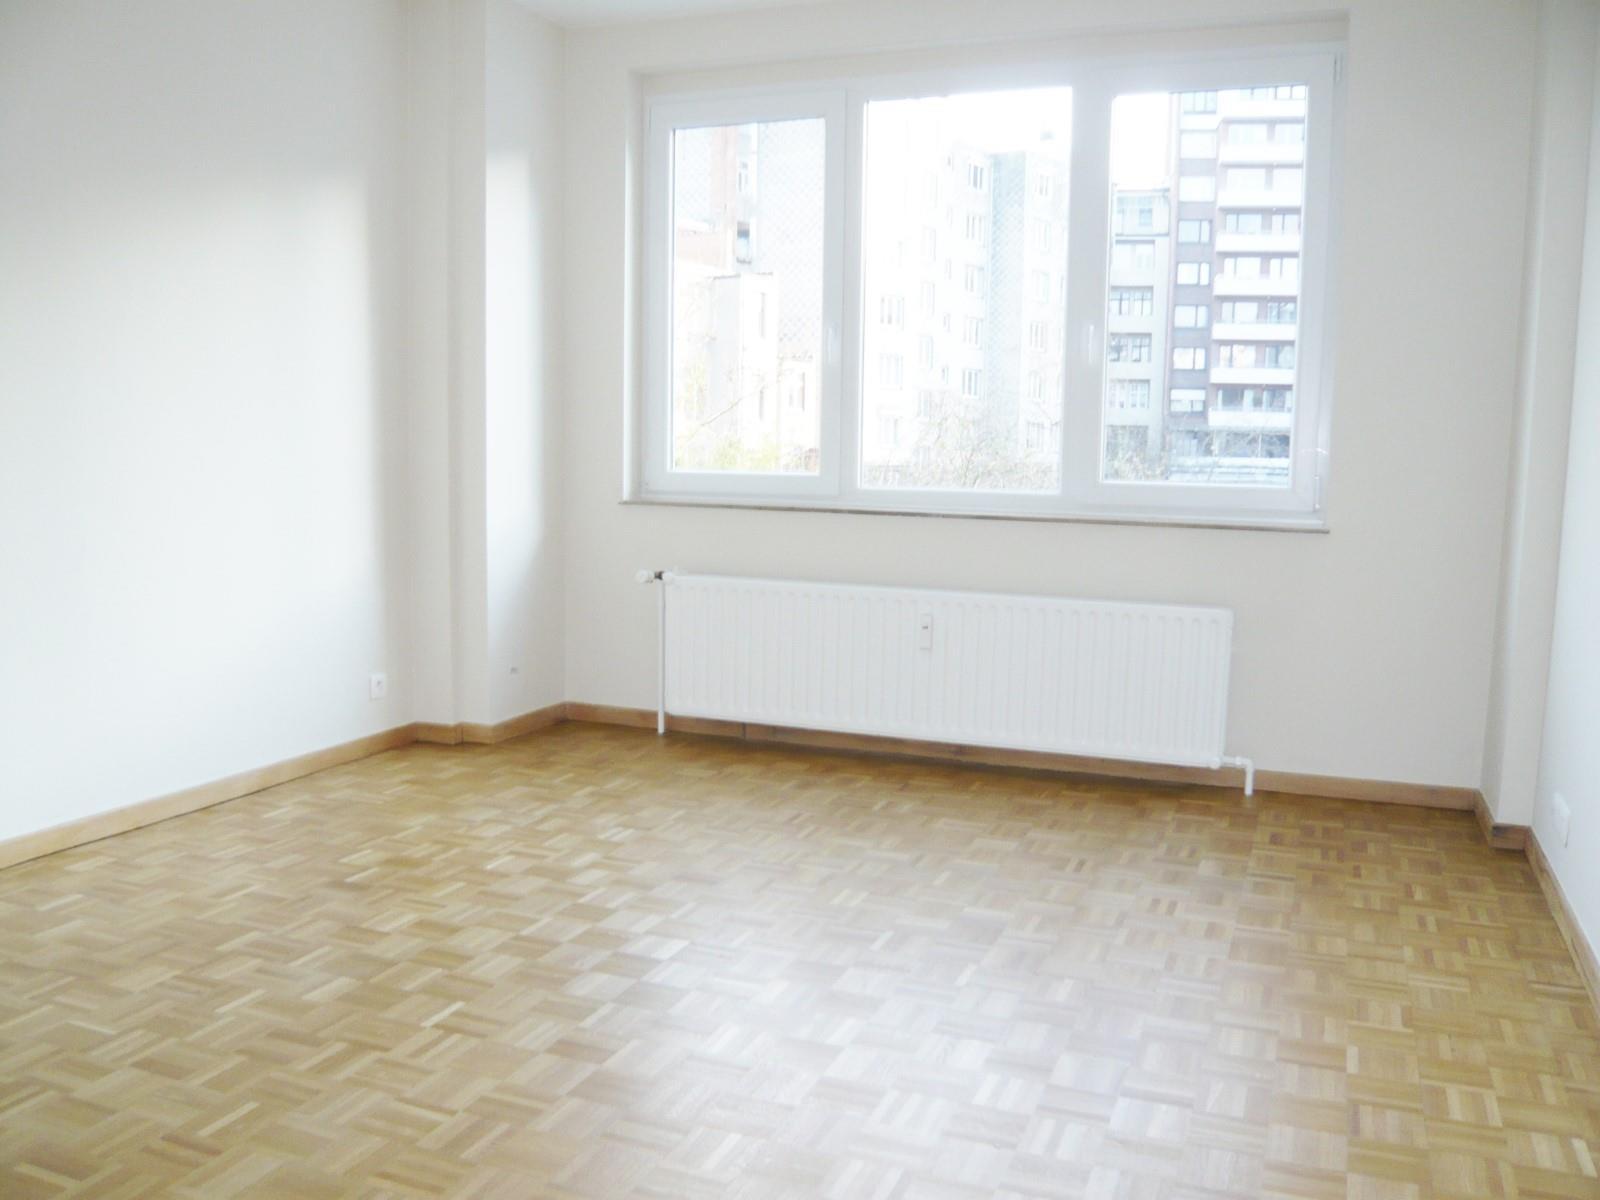 Appartement - Schaerbeek - #4148340-8